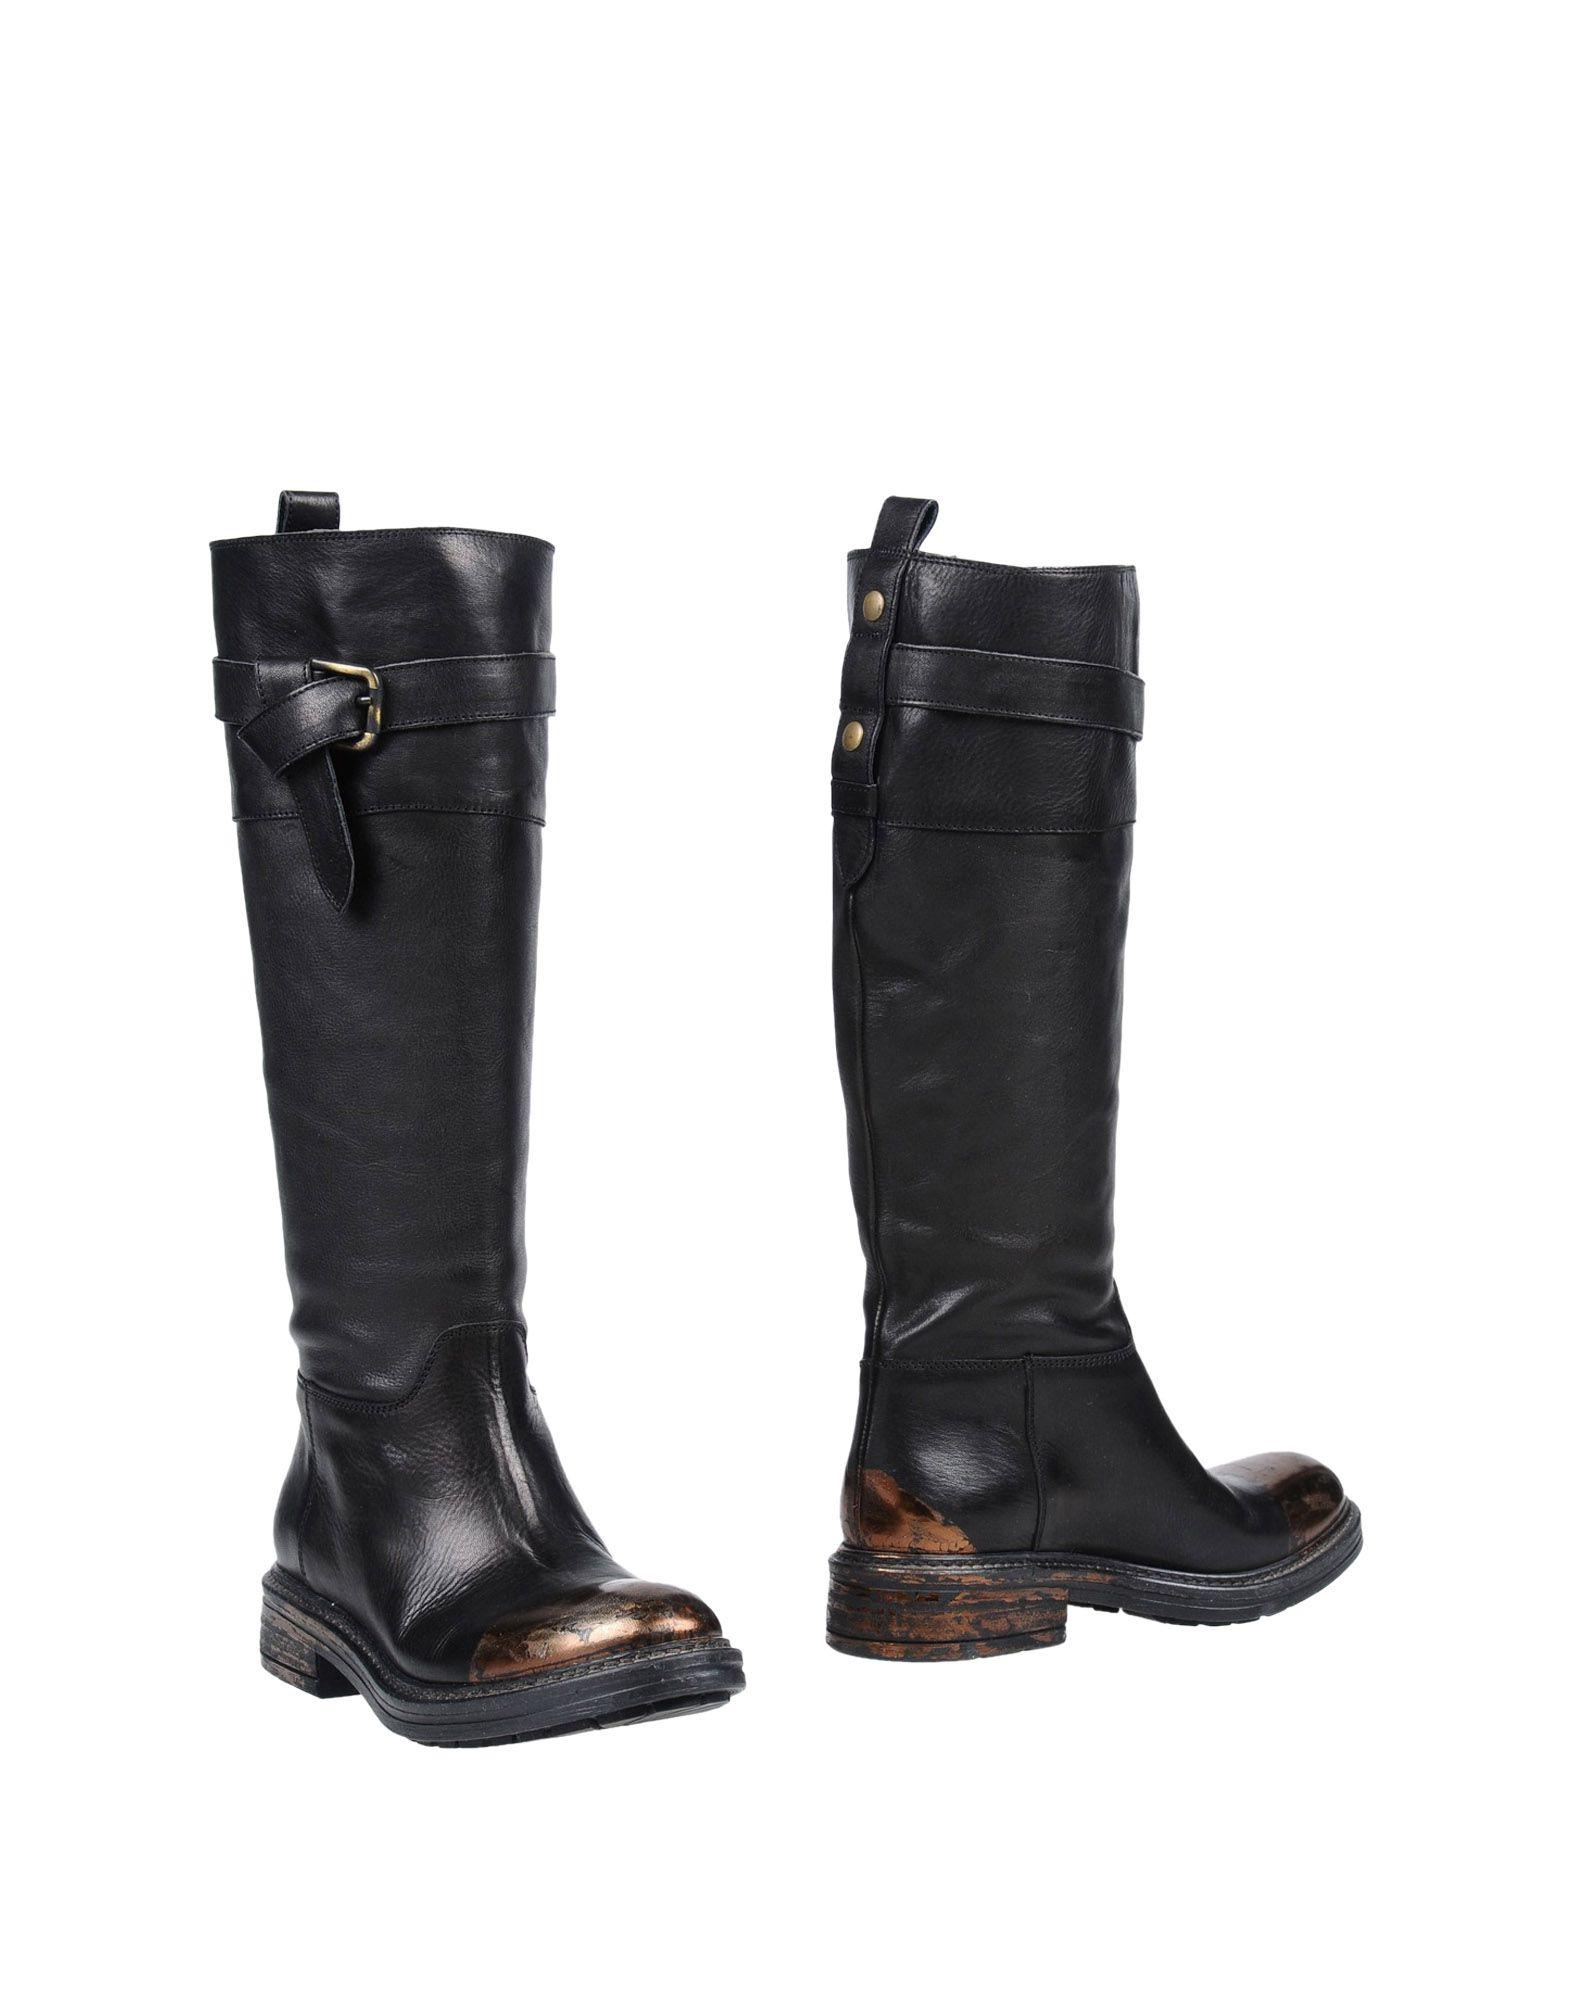 Garrice Stiefel Damen  11421456VX Gute Qualität beliebte Schuhe